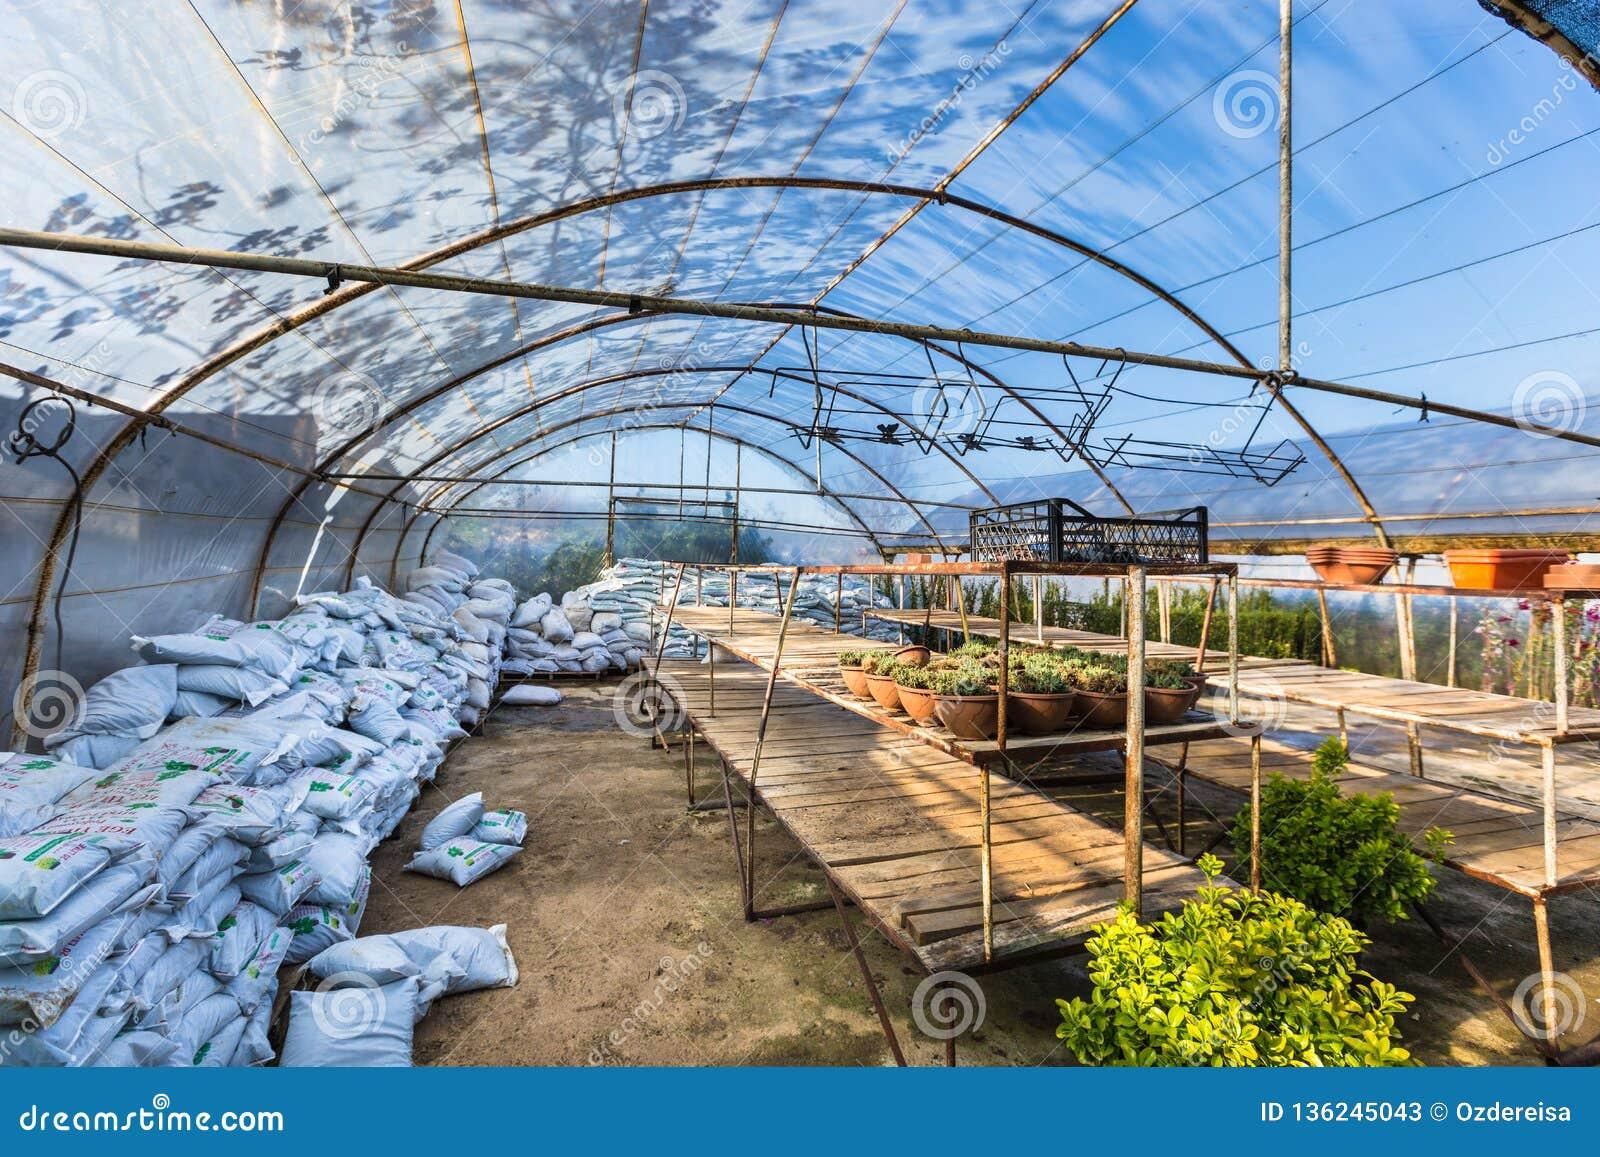 Genere differente di fiori e di piante in vasi, nei sacchetti di plastica o in petti